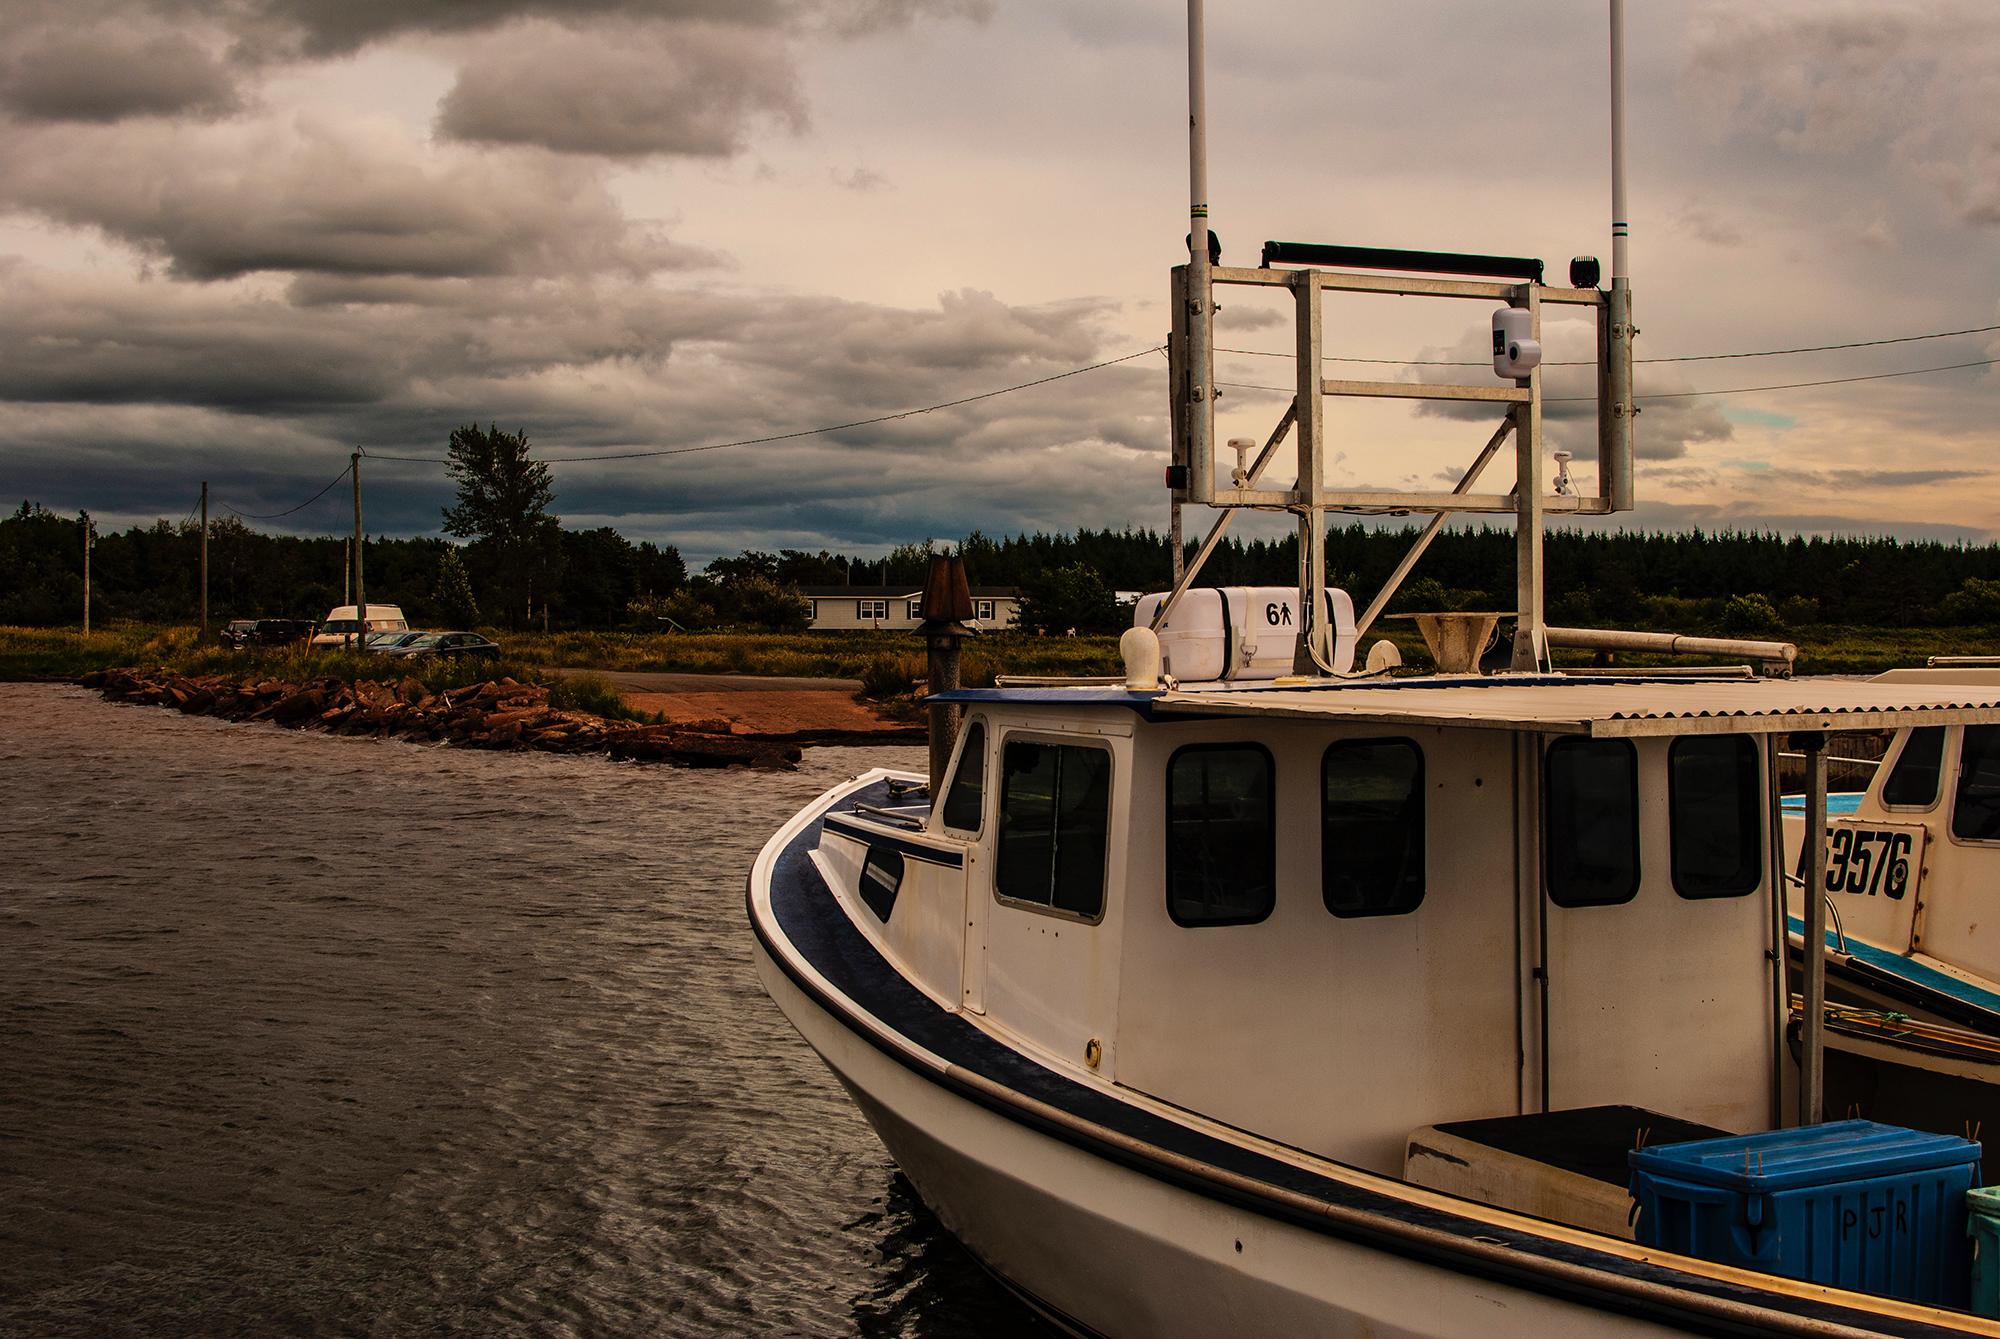 Generic Van Life - Lobster Land PEI Wharf